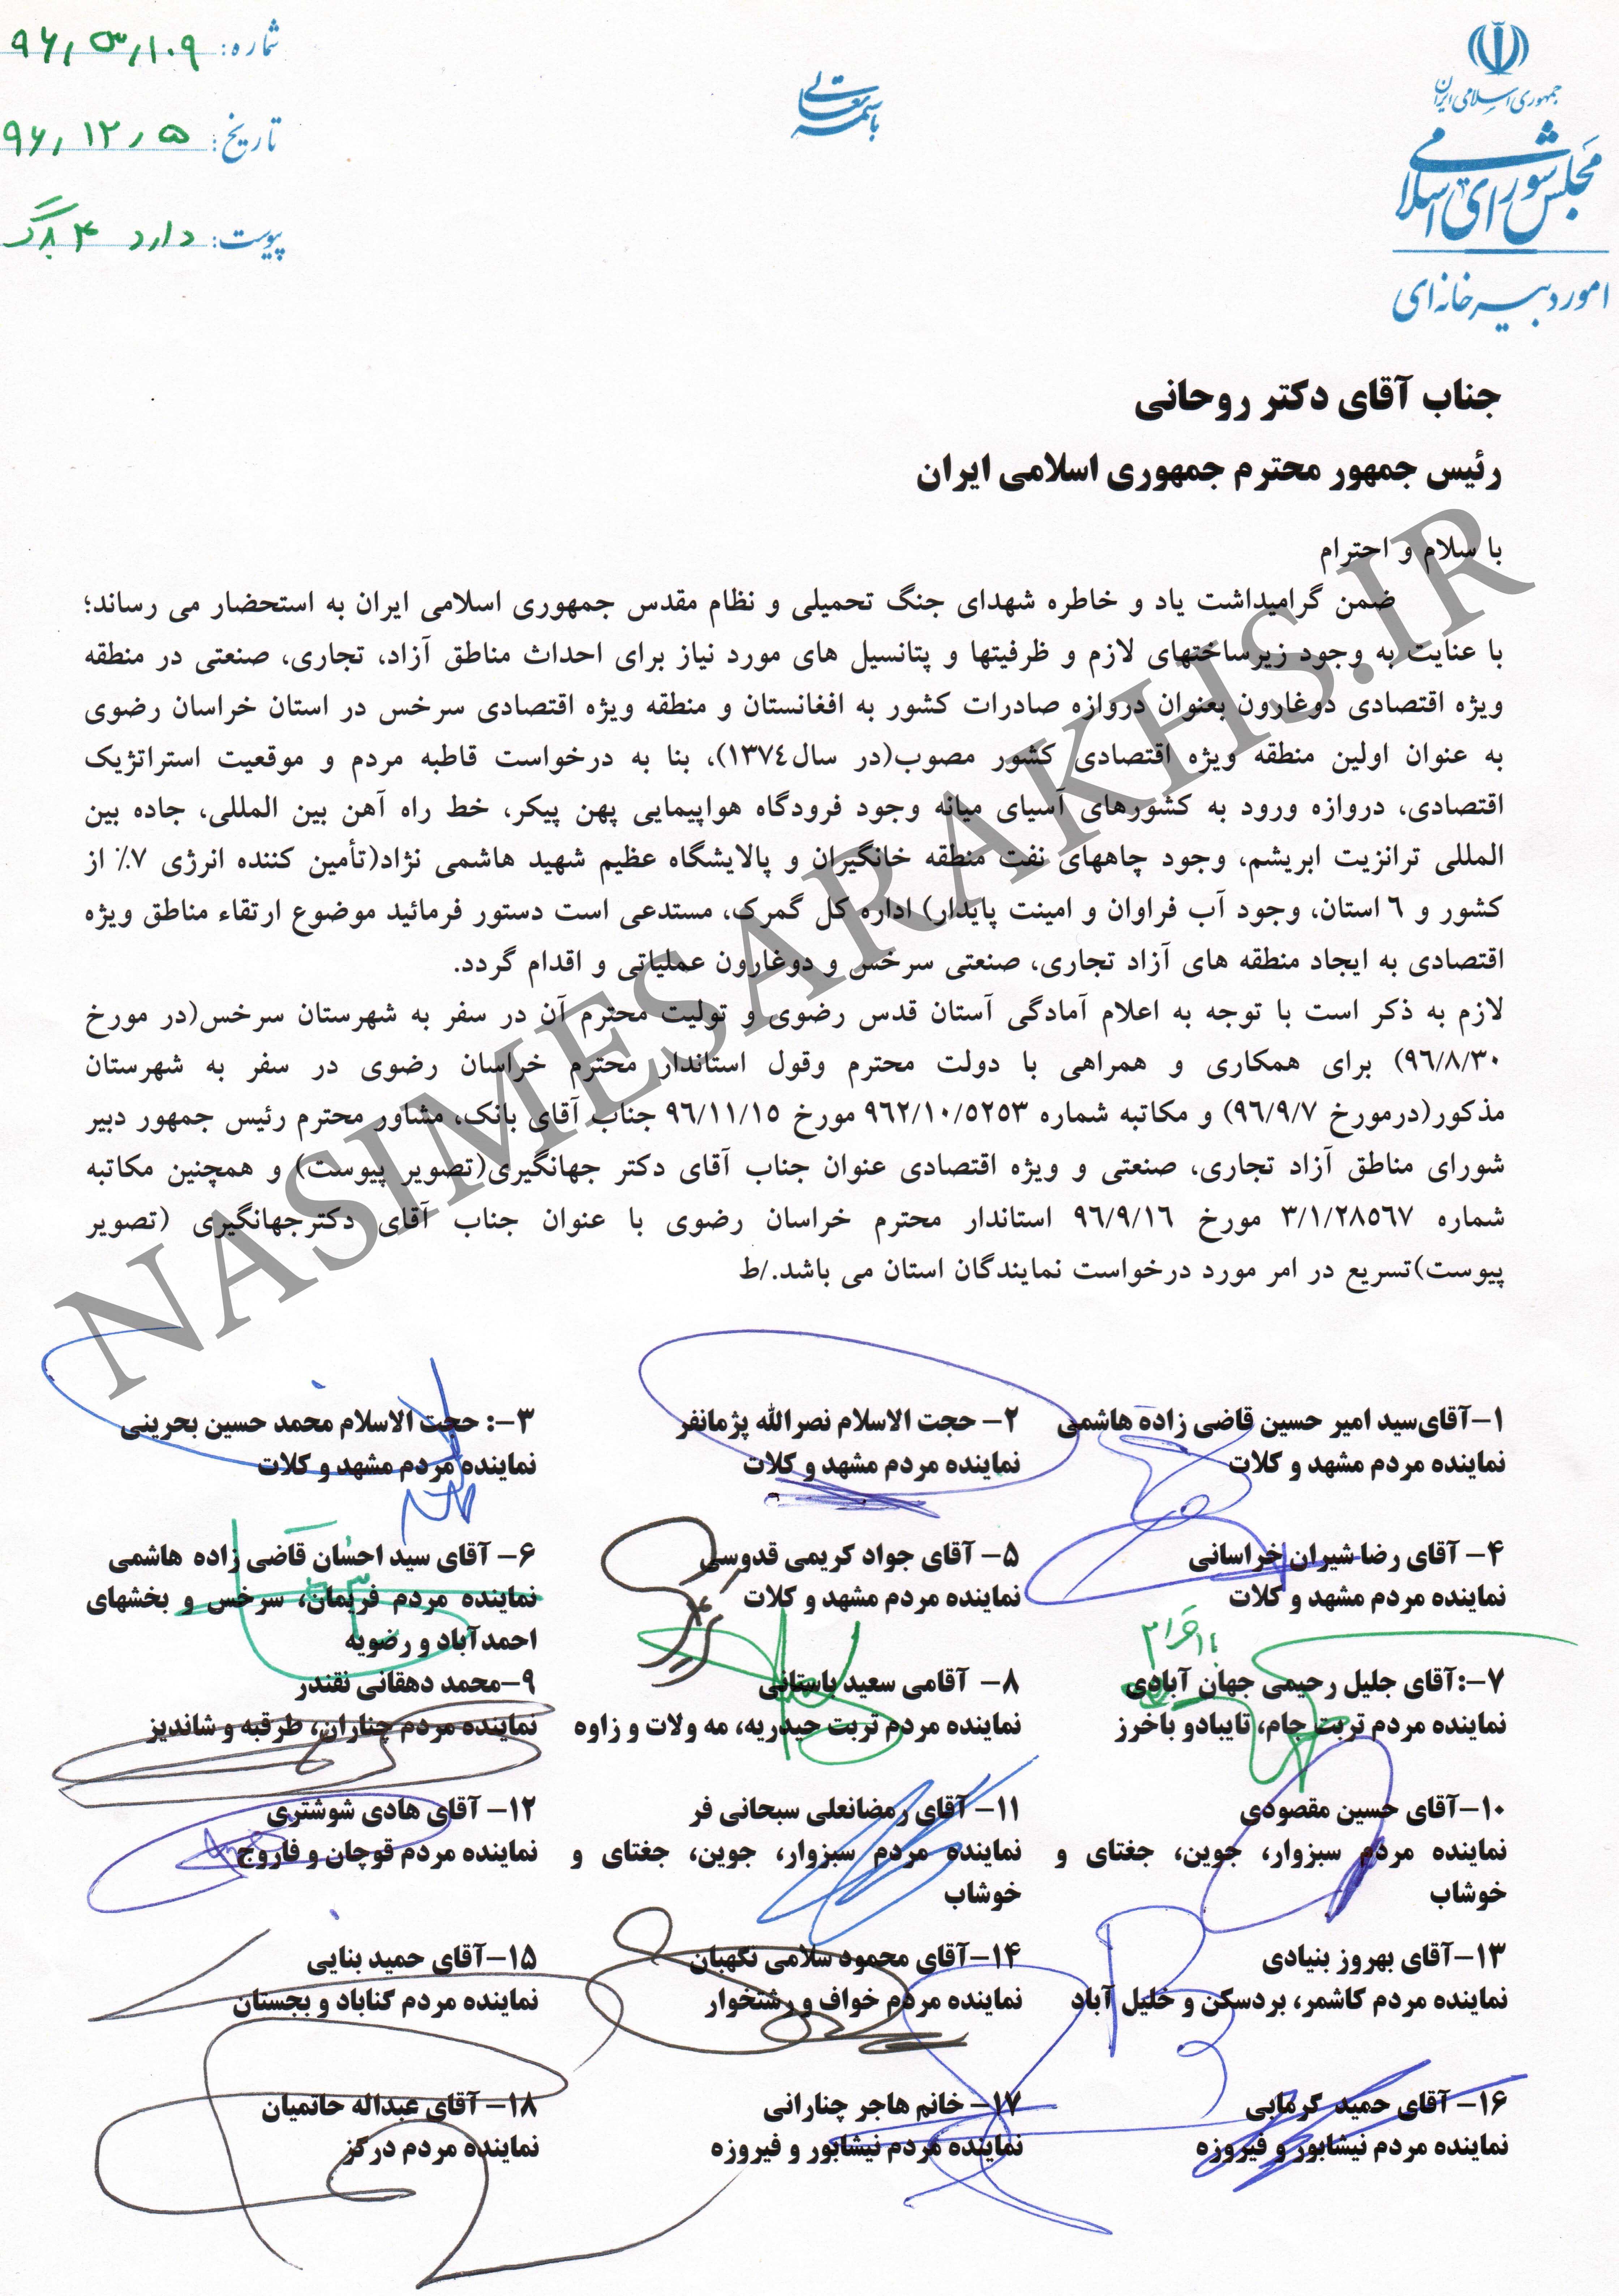 نامه ۱۸ نماینده مجلس به رئیس جمهور برای تبدیل منطقه ویژه اقتصادی سرخس به منطقه آزاد تجاری، صنعتی+ سند